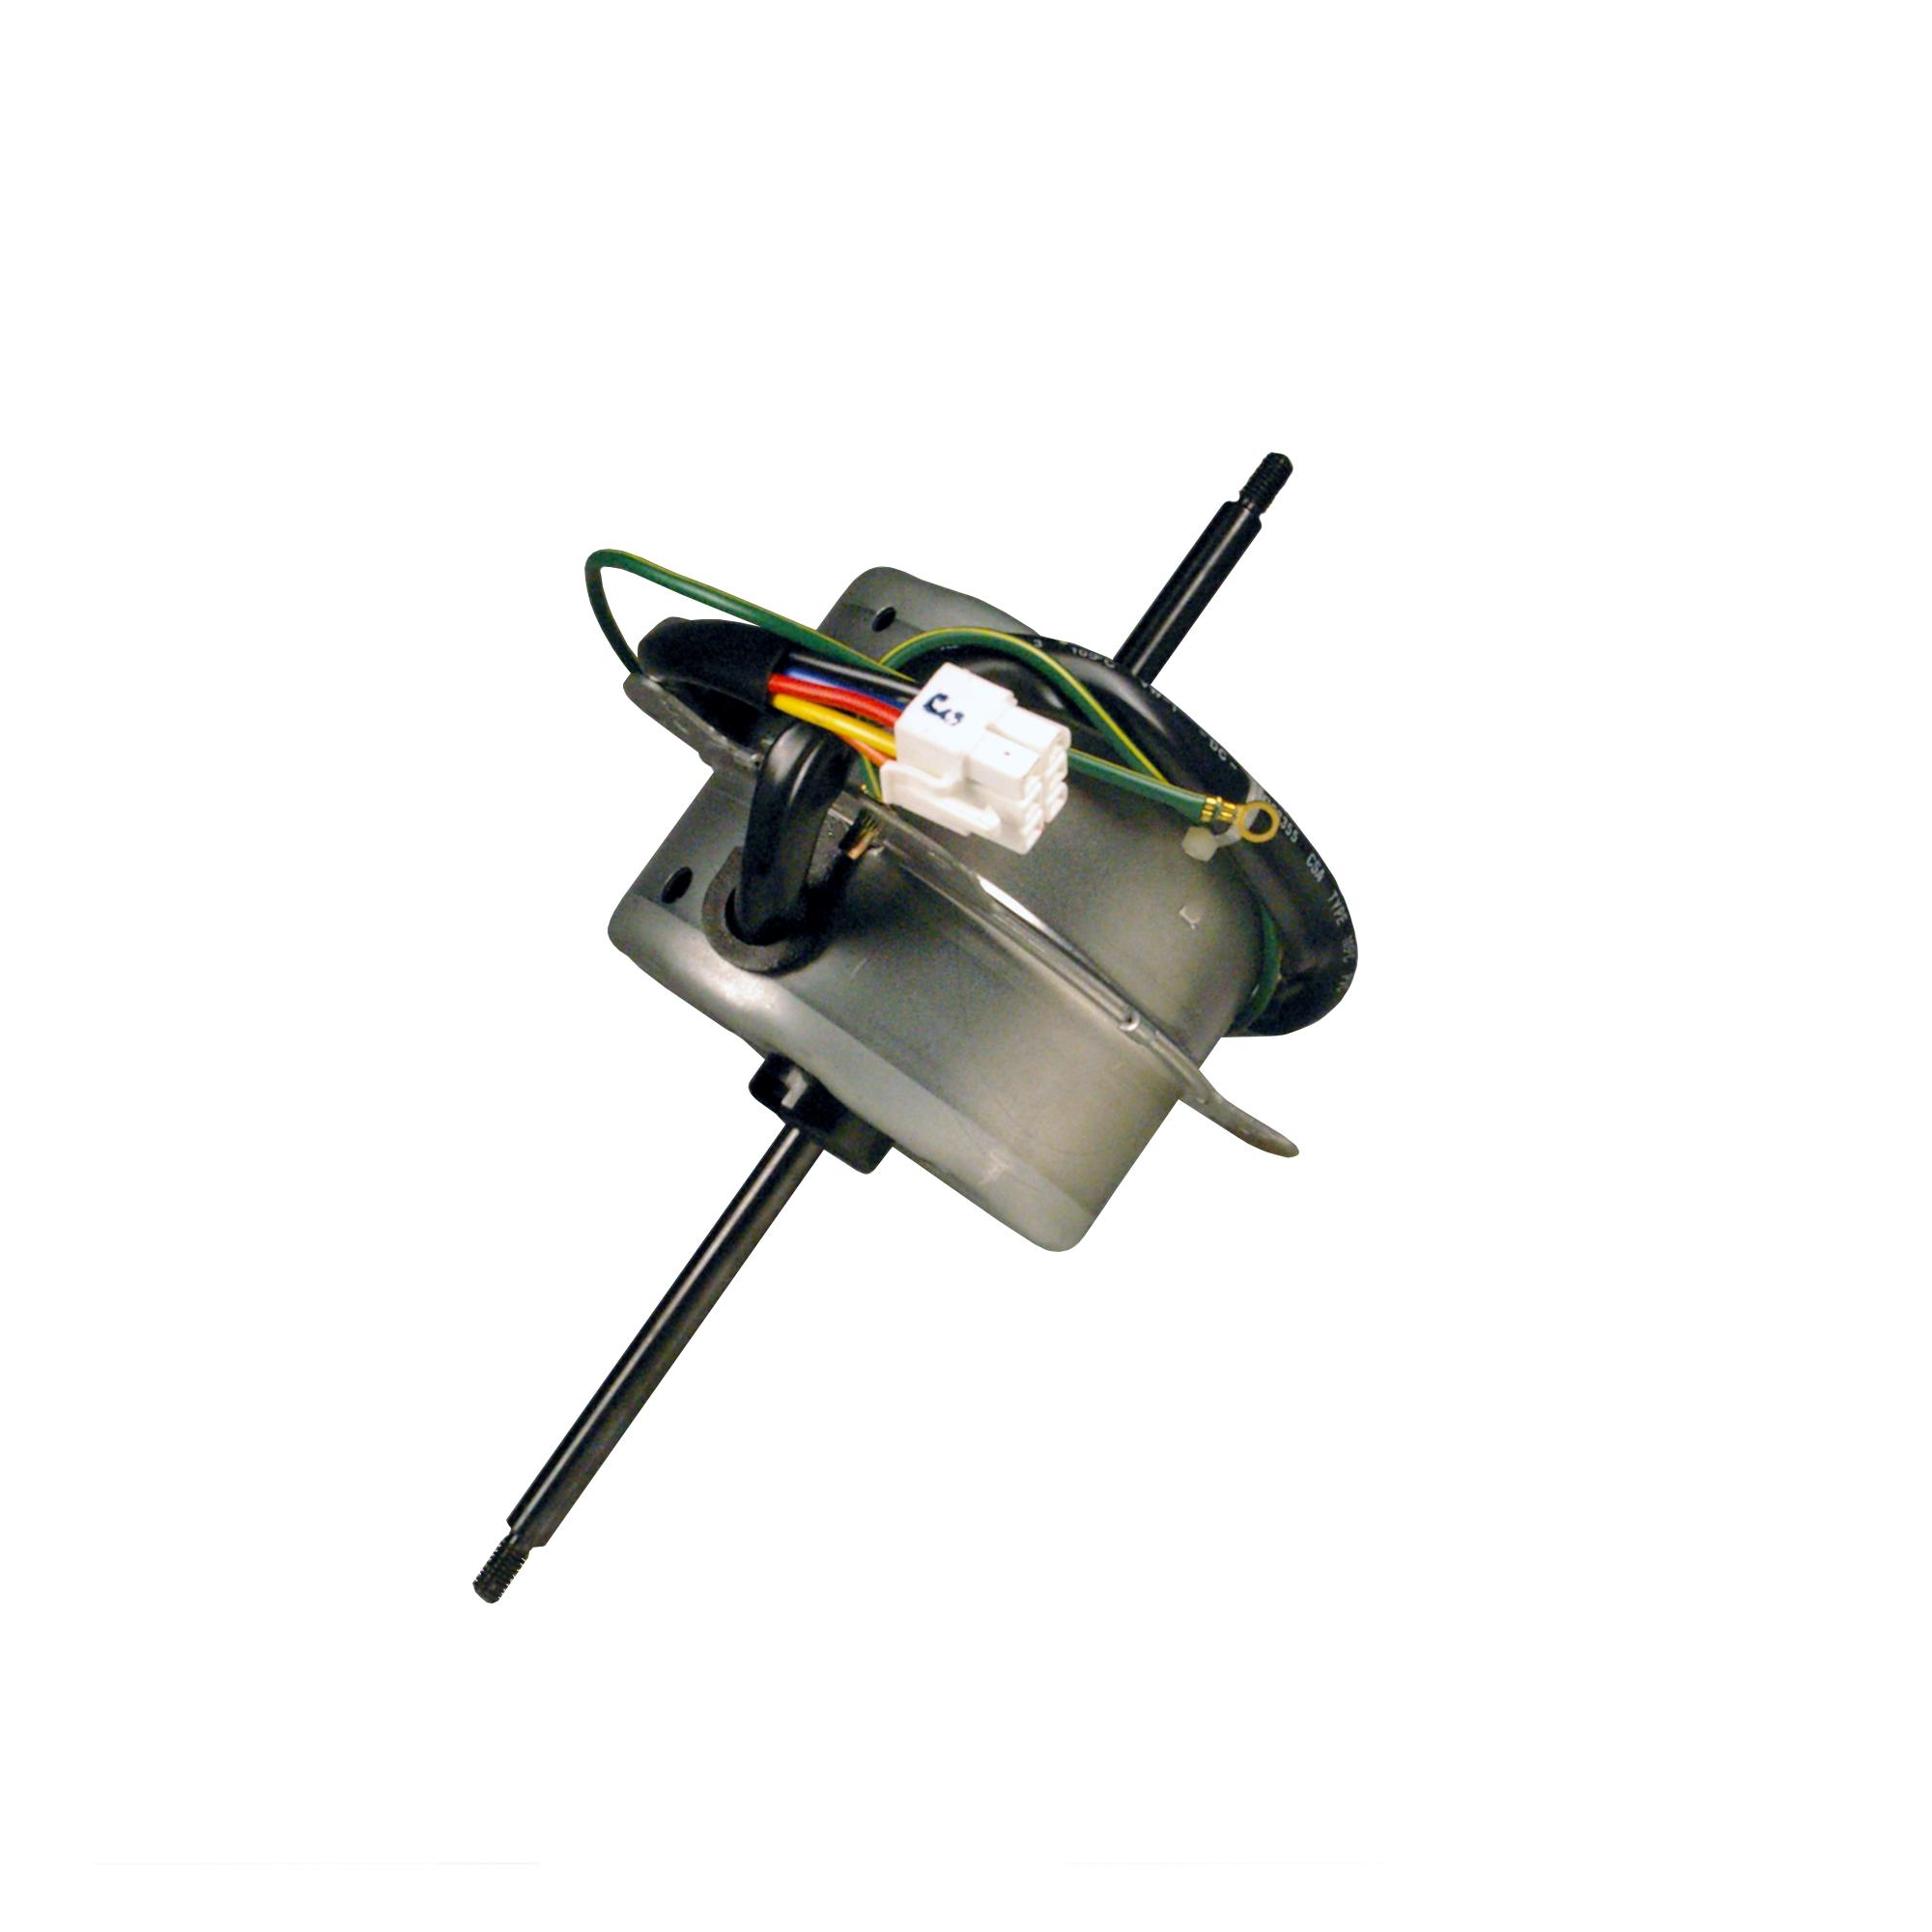 Ffv3730093s Bath Fan Motor Genuine Oem, Panasonic Bathroom Exhaust Fan With Light Parts